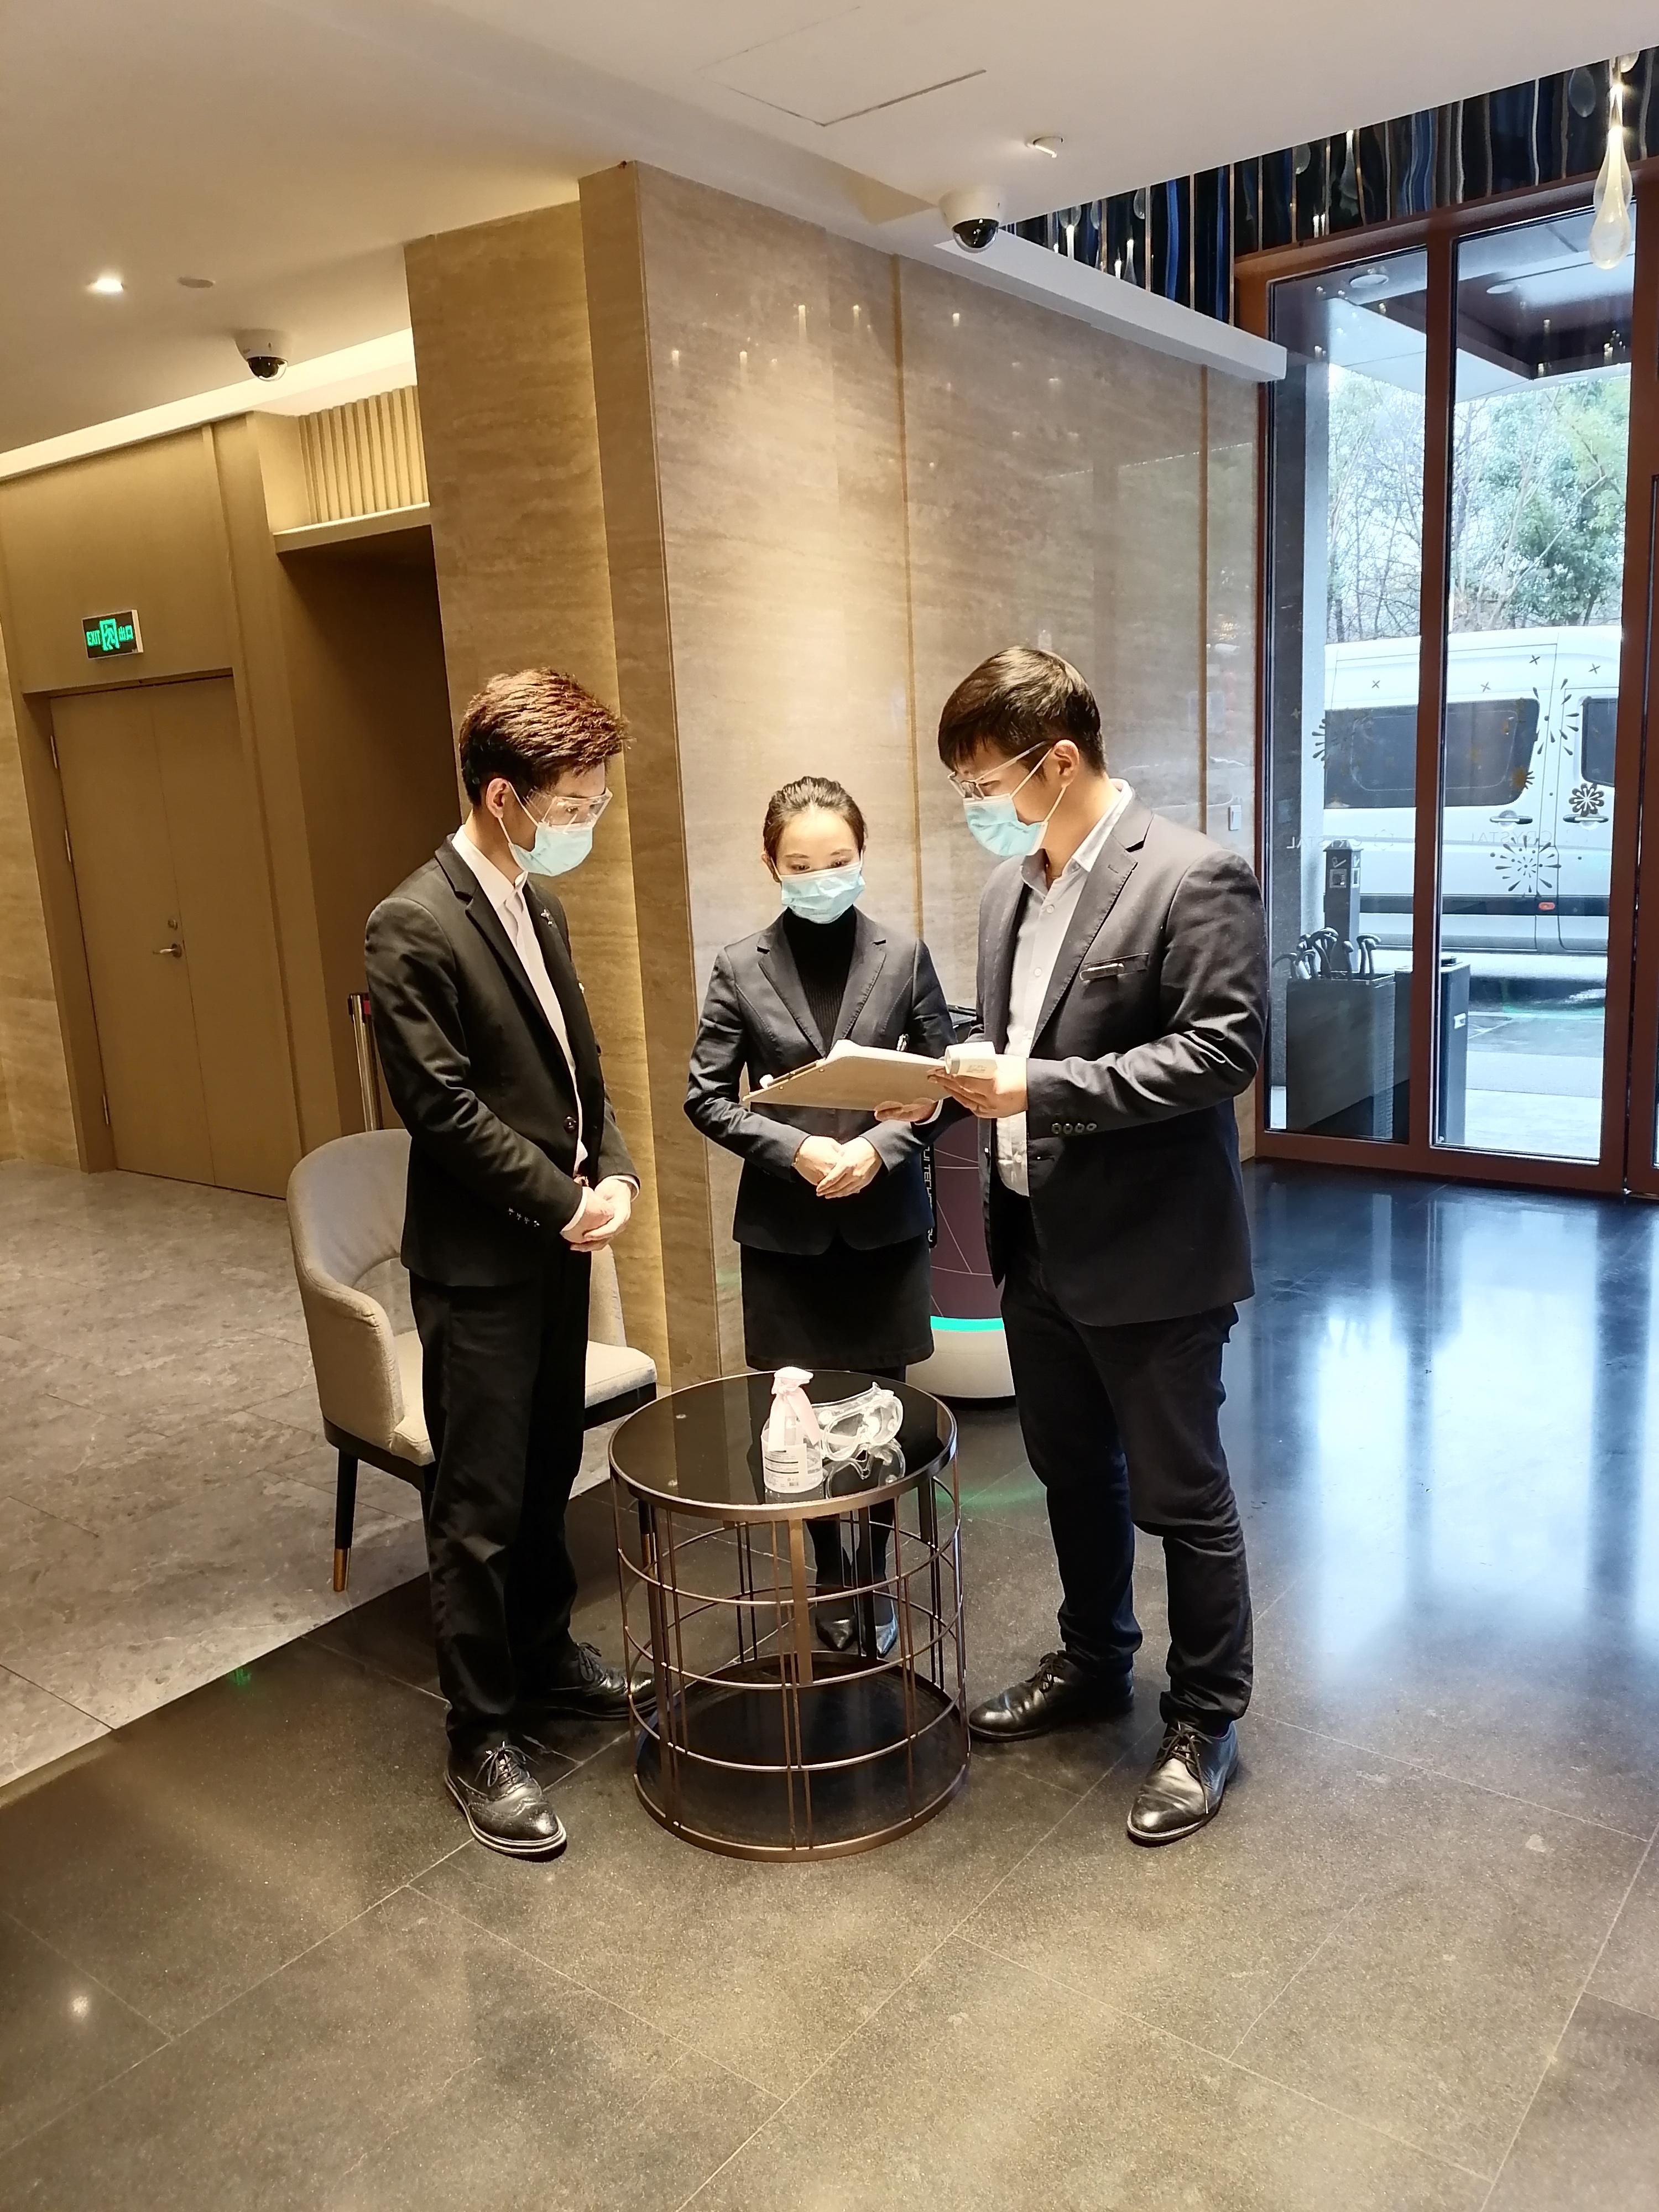 陈烨(右一)在跟酒店员工沟通工作内容。